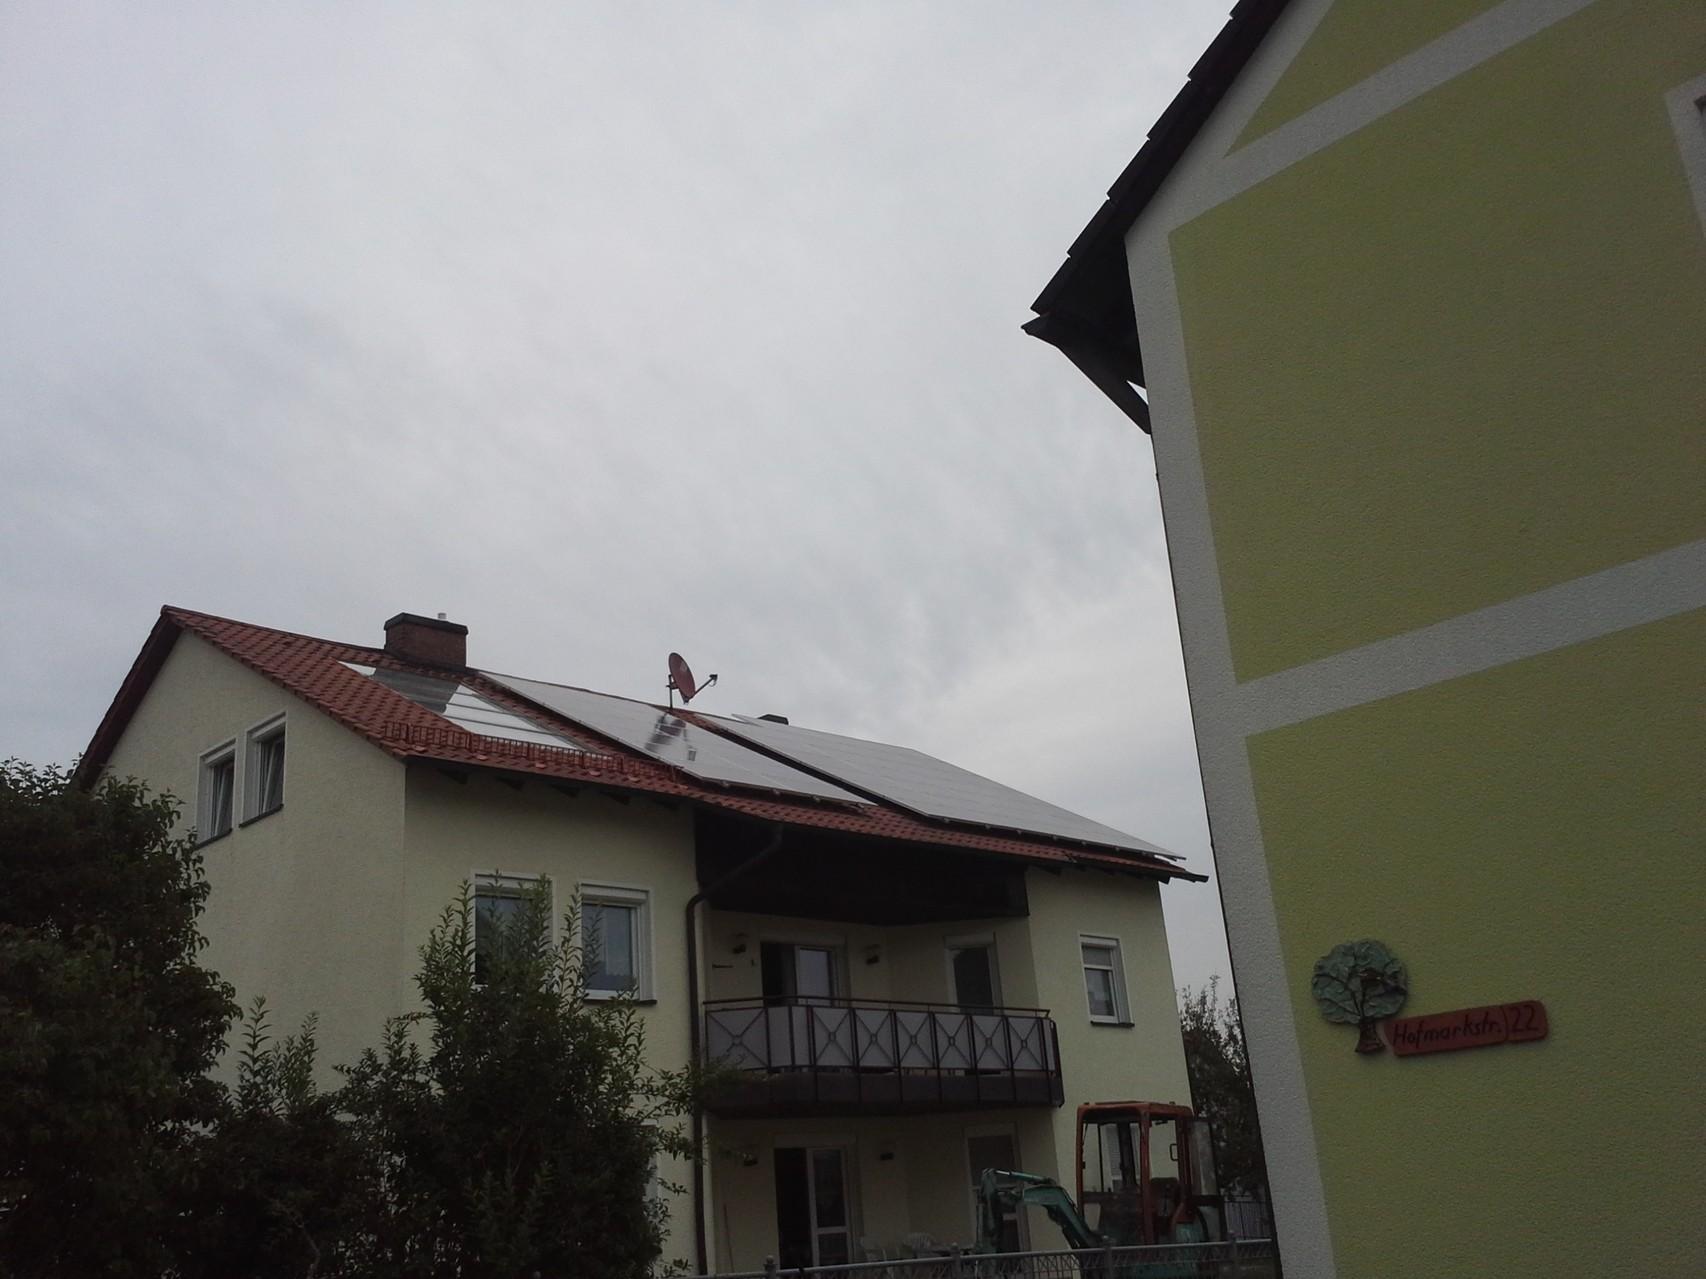 Phototovoltaikanlage 9,75 kWp in 93128 Regenstauf mit SHARP Module